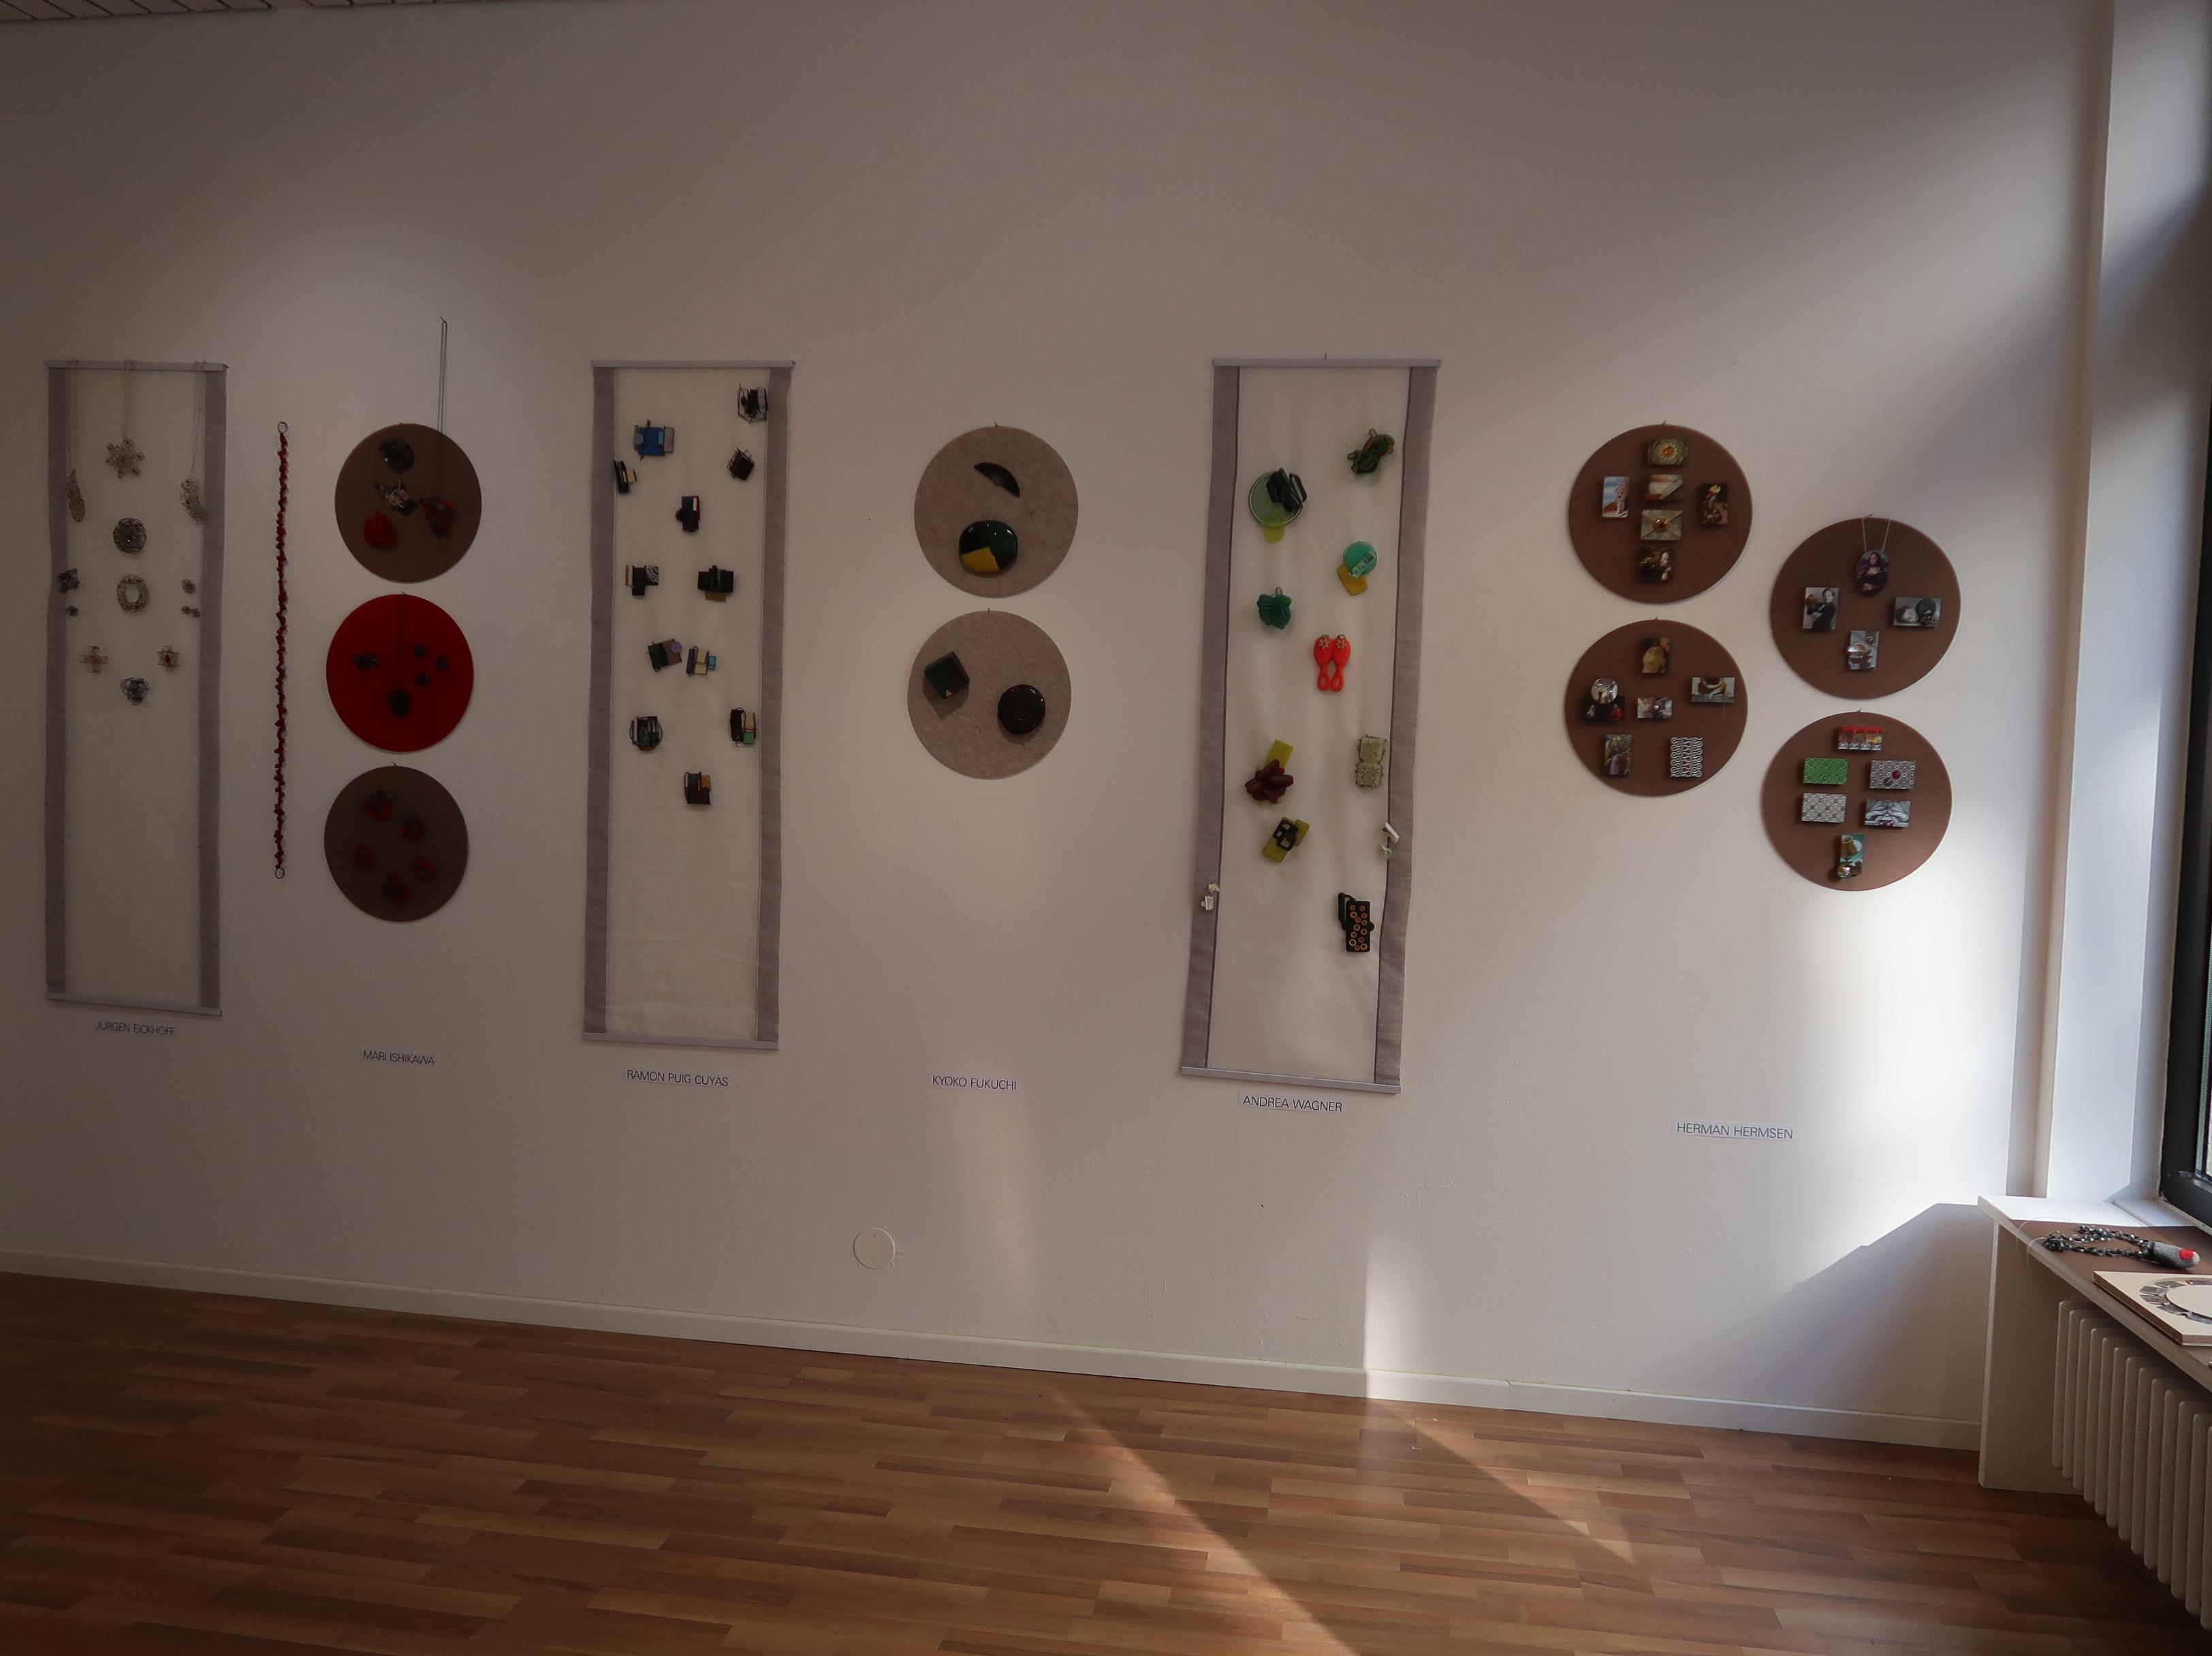 Galerie Spektrum op locatie, München, 13 maart 2020. Foto Coert Peter Krabbe, tentoonstelling, broches, halssieraden